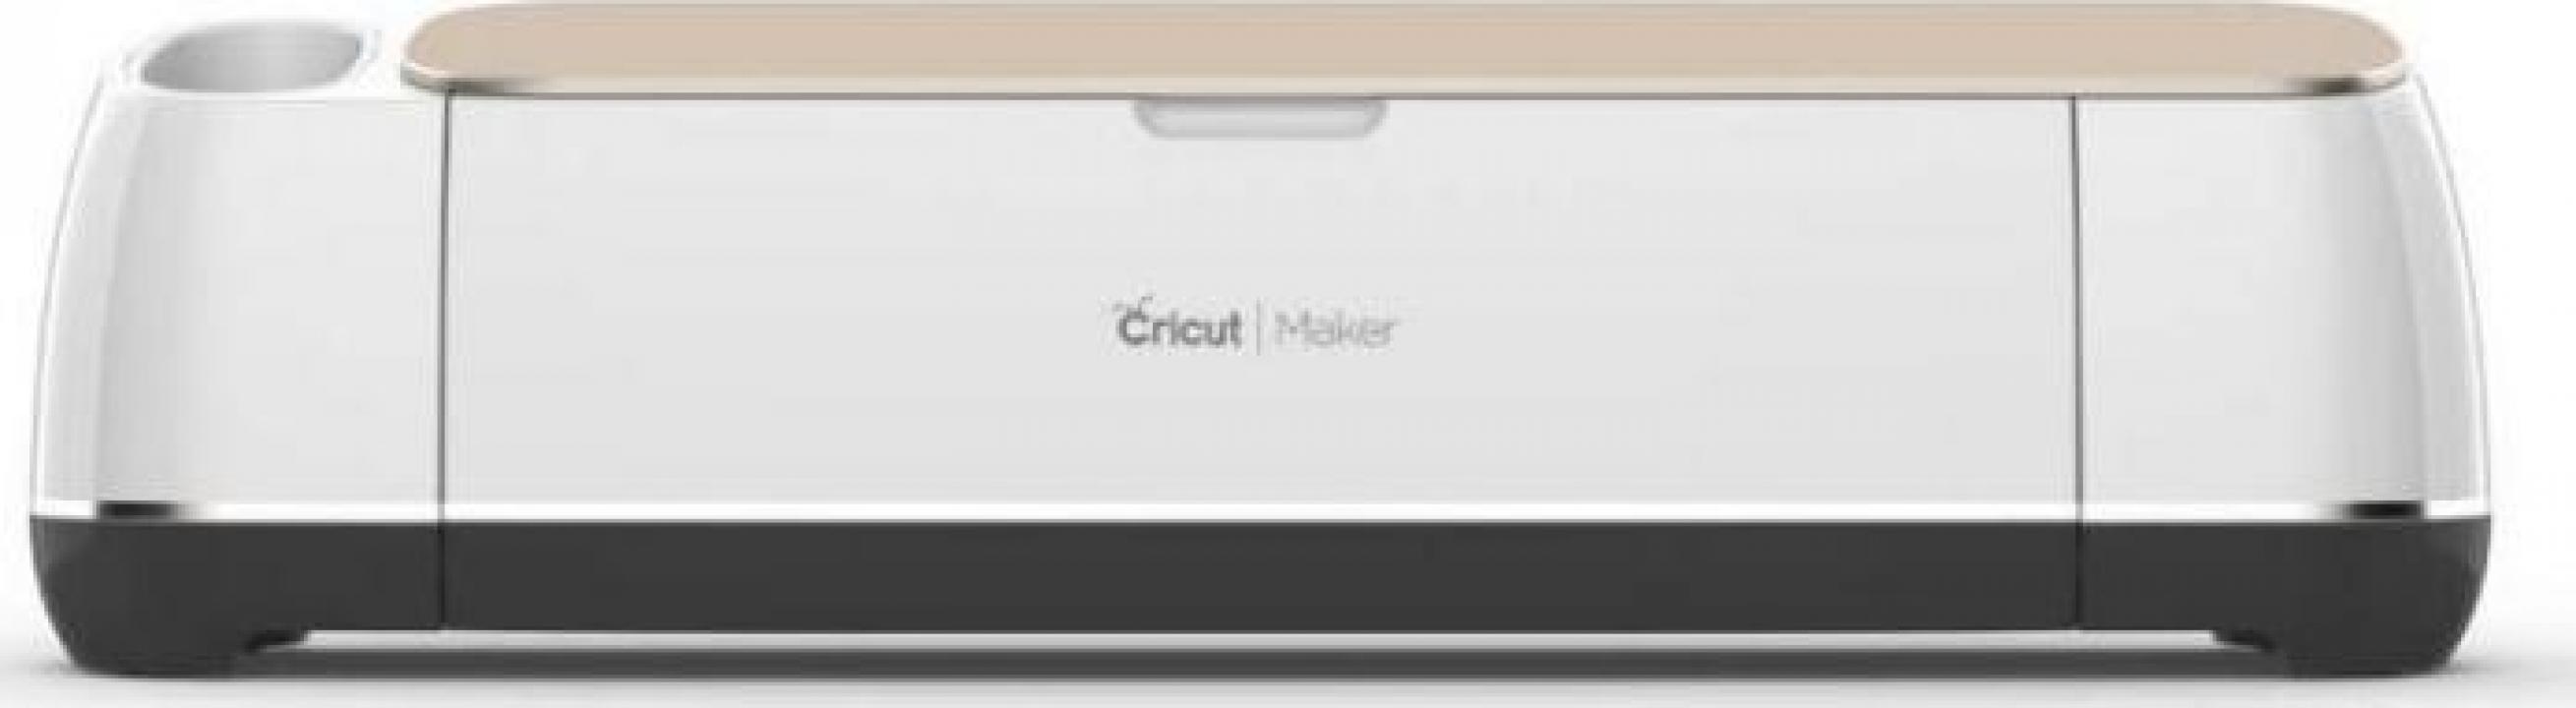 Accesorii cutter plotter Cricut Maker Machine